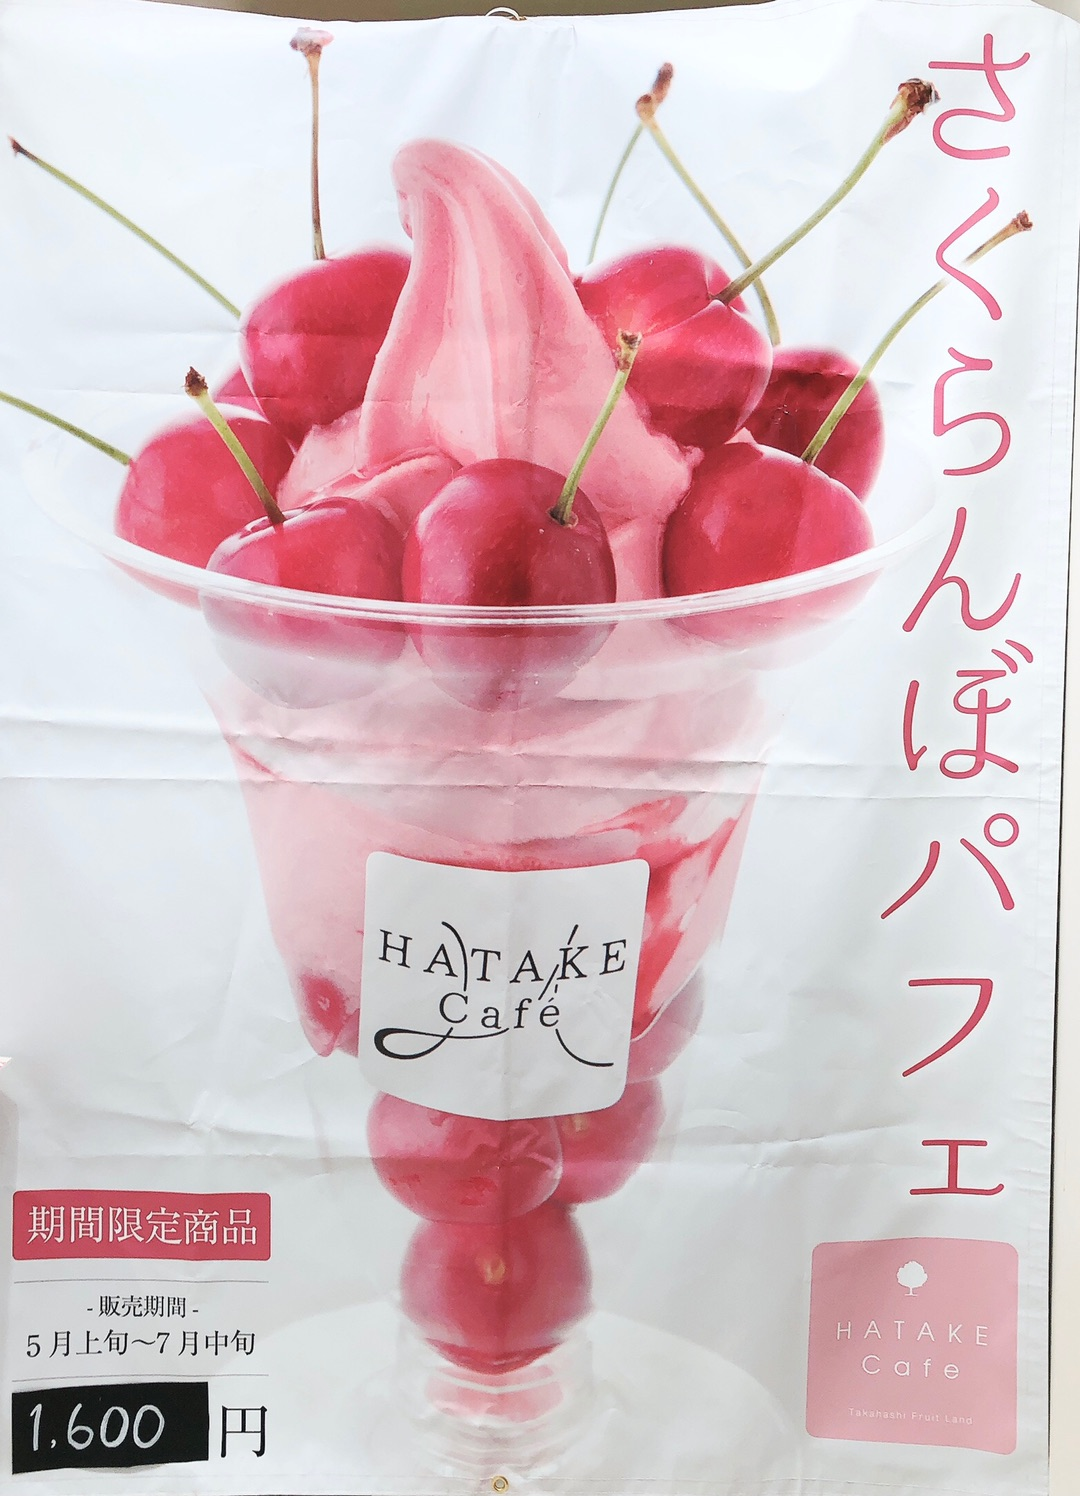 安倍元総理大臣やキョンキョンも来店する果樹園が経営するHATAKE Cafe